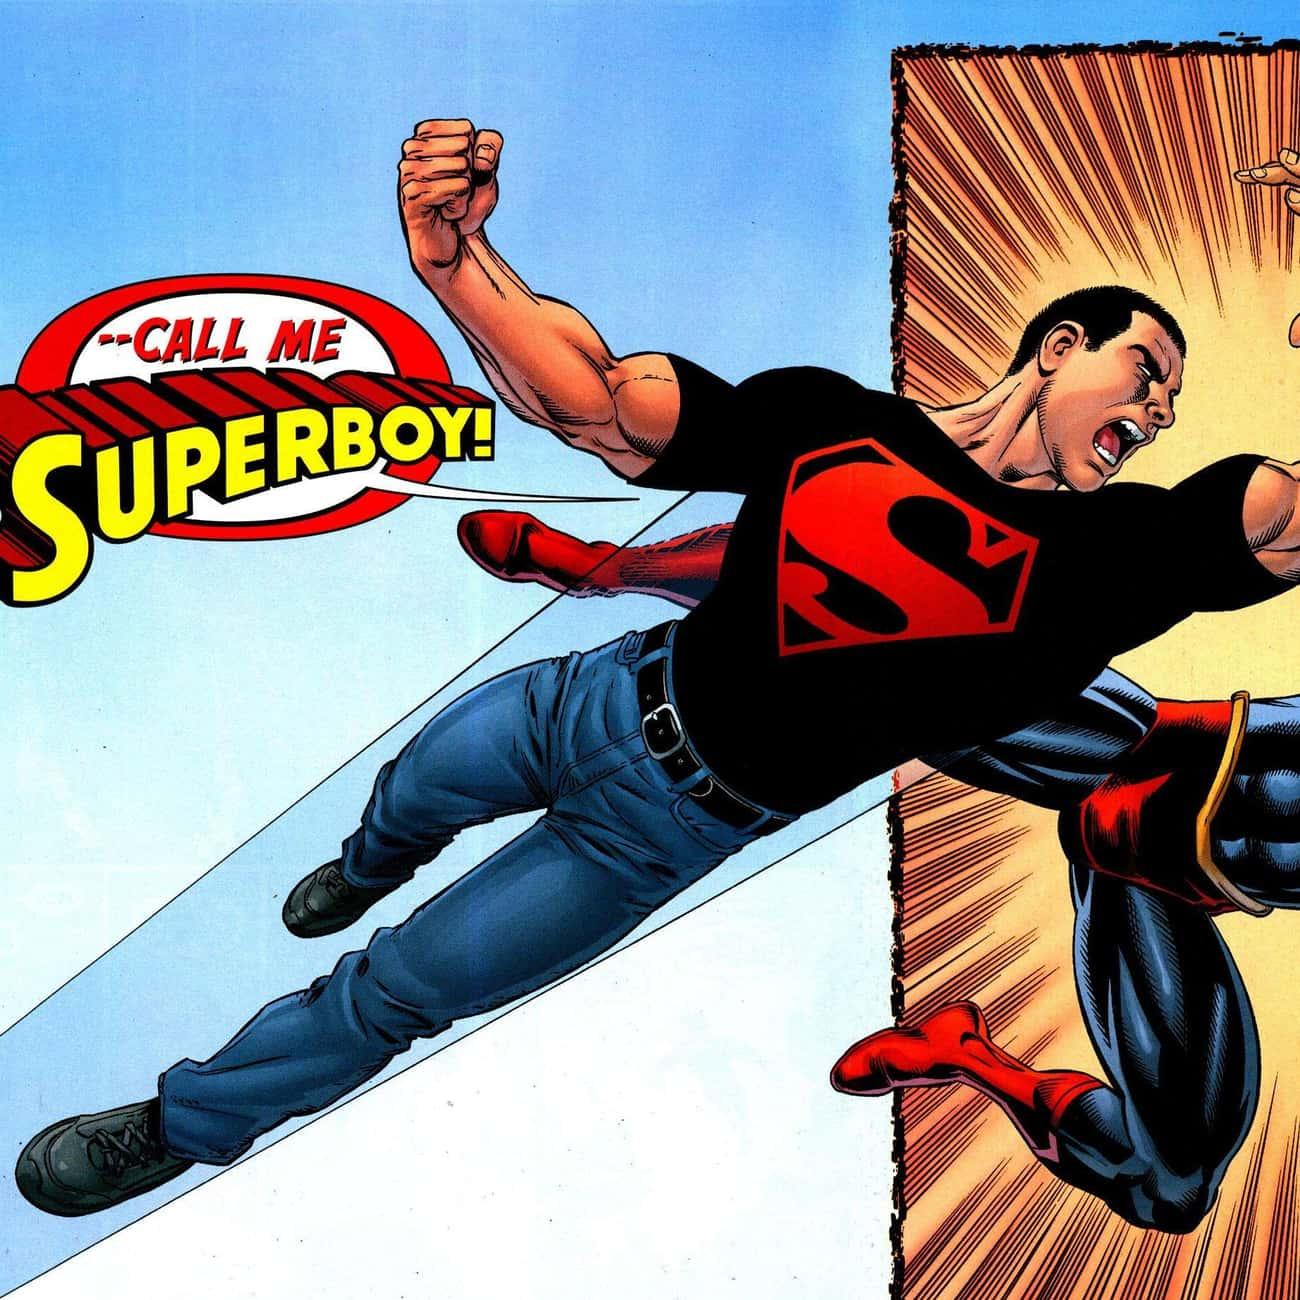 Superboy (Kon-El) is listed (or ranked) 3 on the list Half-Human Hybrid Heroes